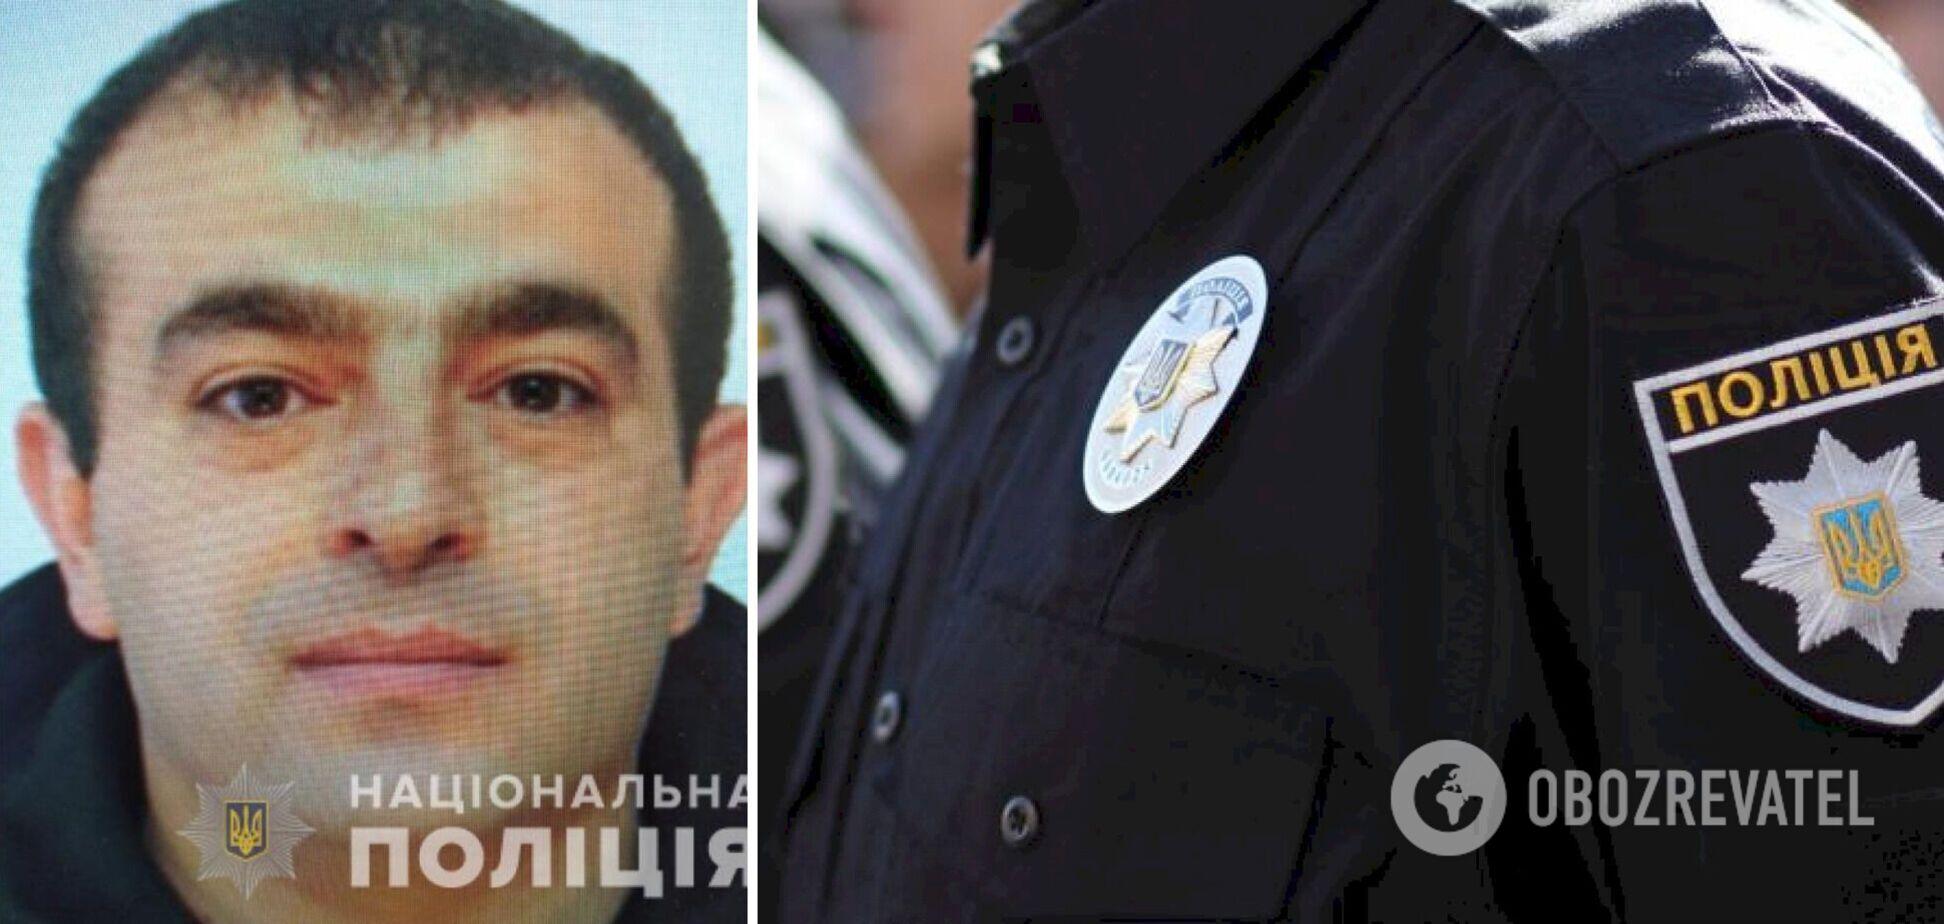 У кілера був спільник: в поліції розкрили нові деталі вбивства на замовлення в Одесі. Фото і відео